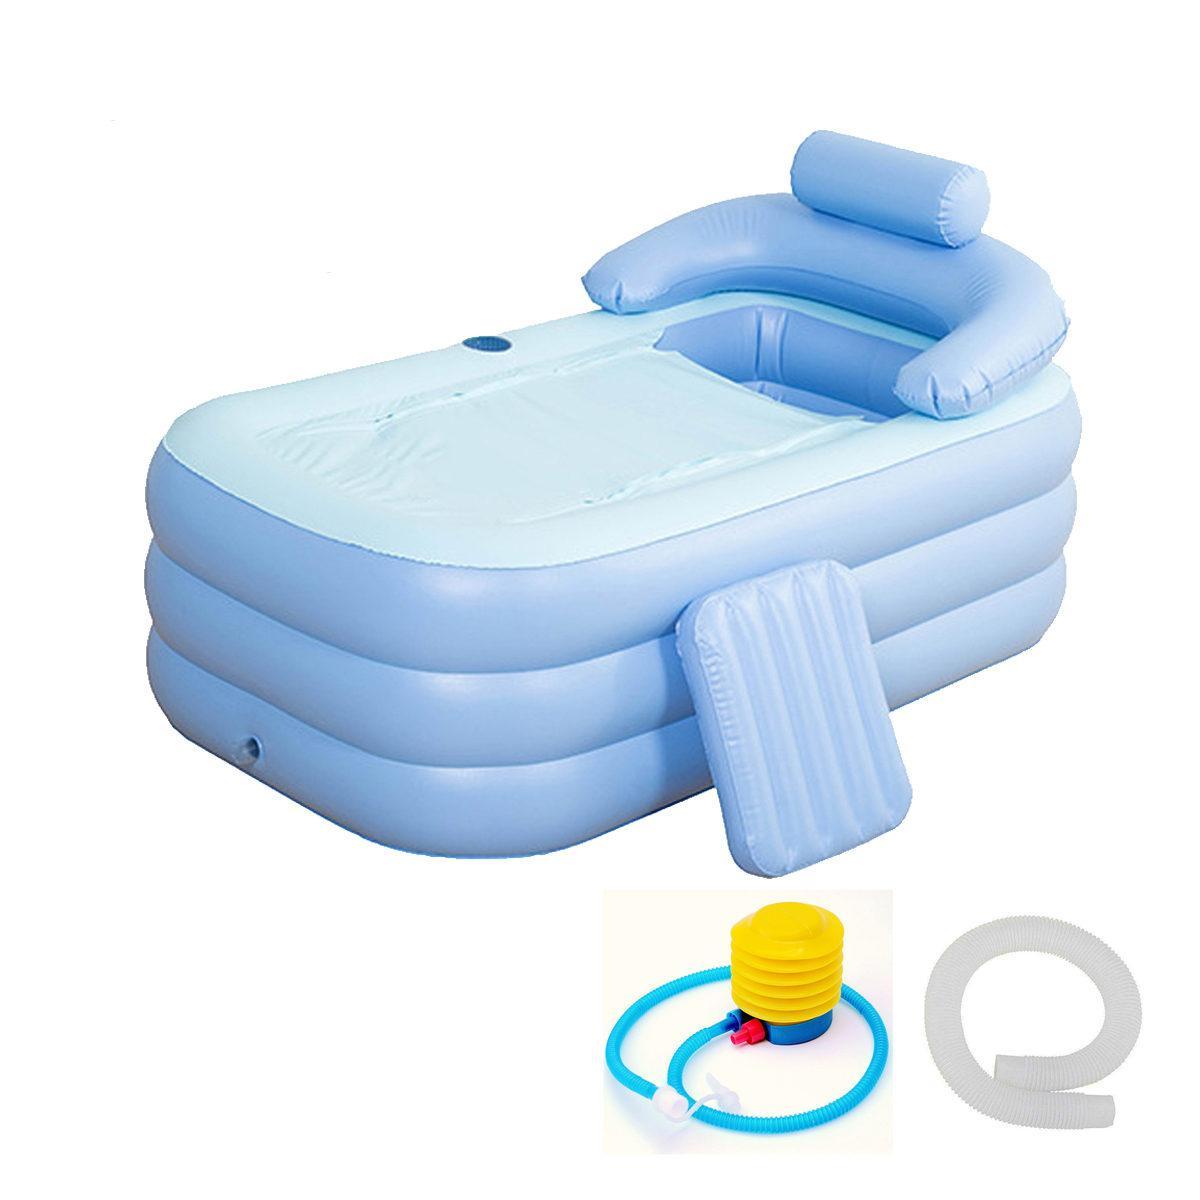 160 * 84 * 64cm Bleu grande taille gonflable Baignoire SPA PVC pliant portable pour les adultes avec pompe à air des ménages Baignoire gonflable